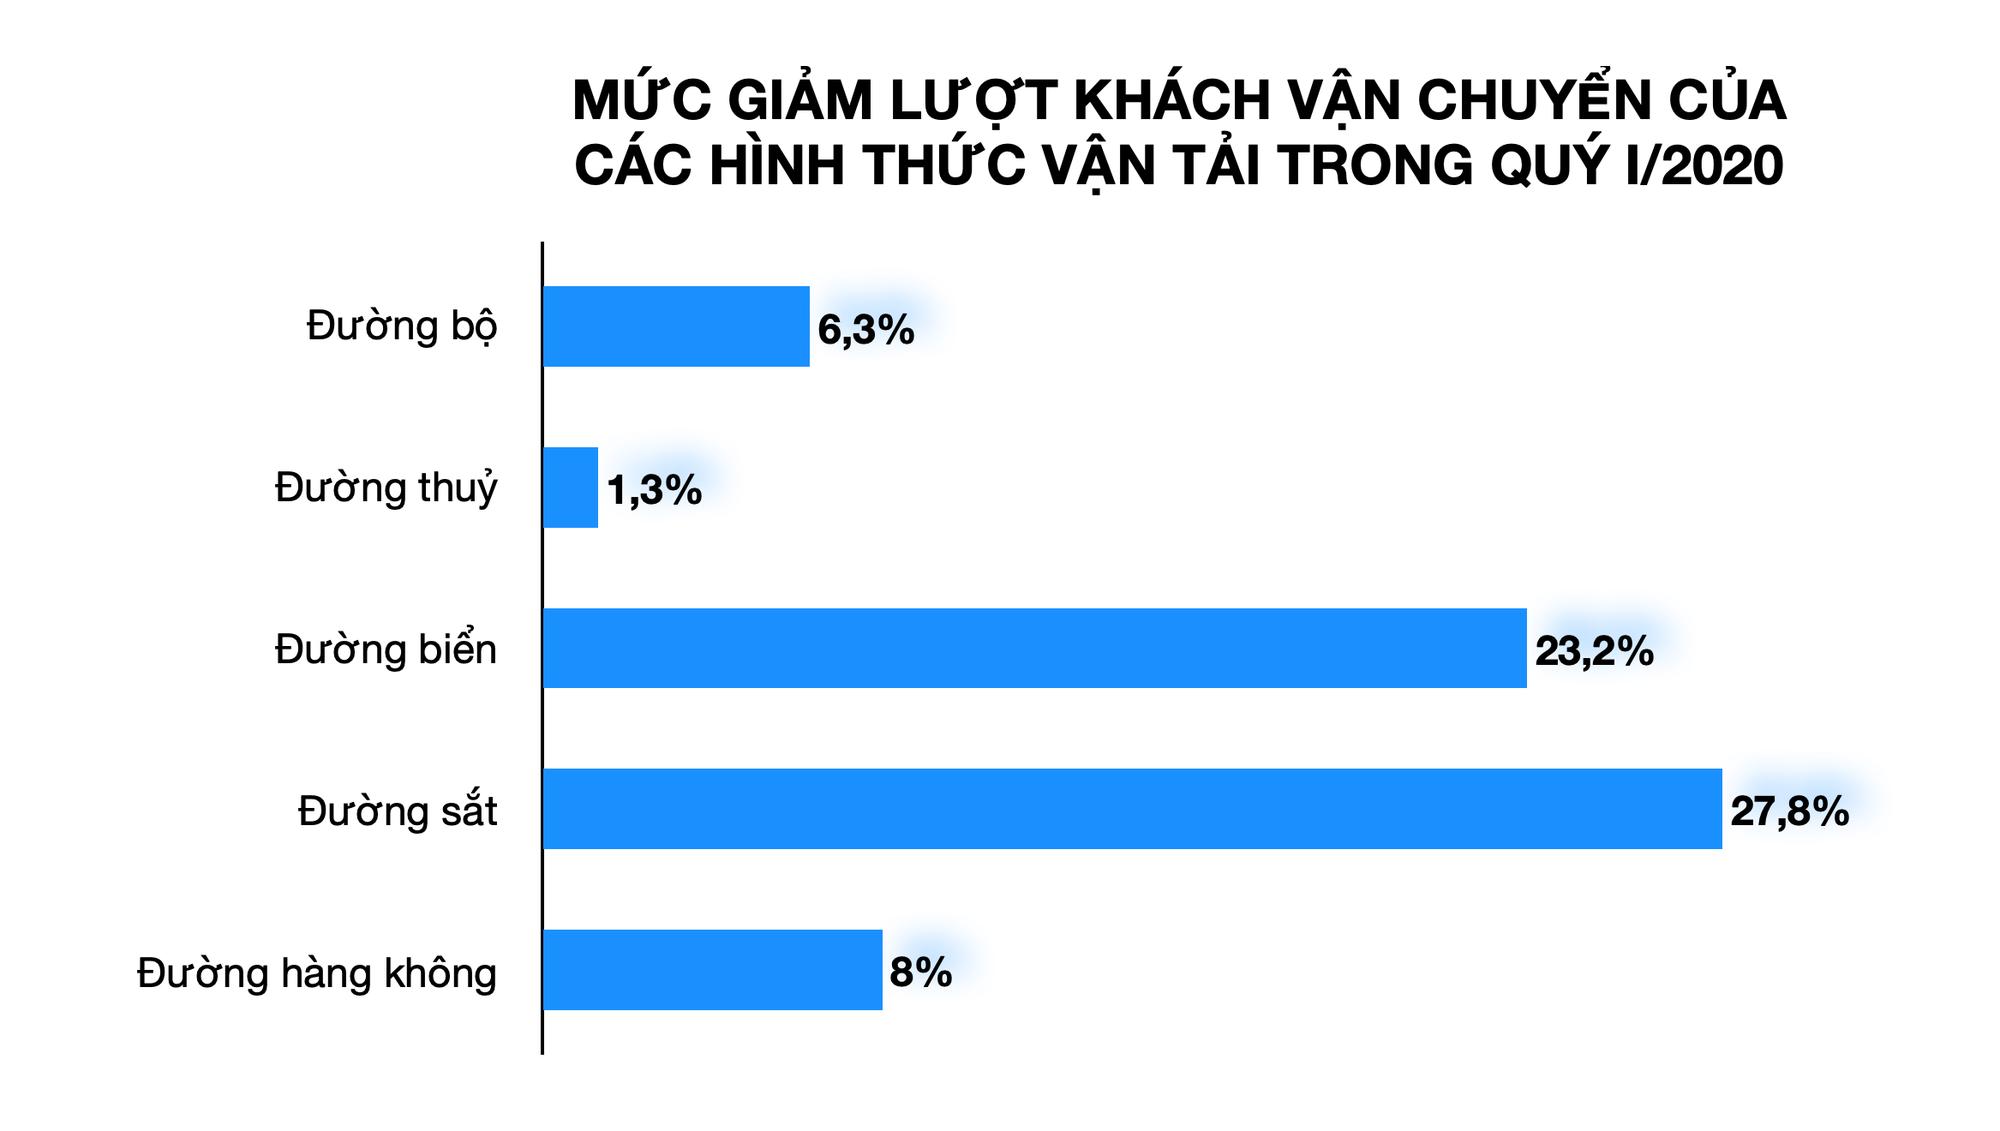 Hơn 18.000 doanh nghiệp Việt Nam tạm ngừng kinh doanh vì dịch Covid-19 - Ảnh 3.